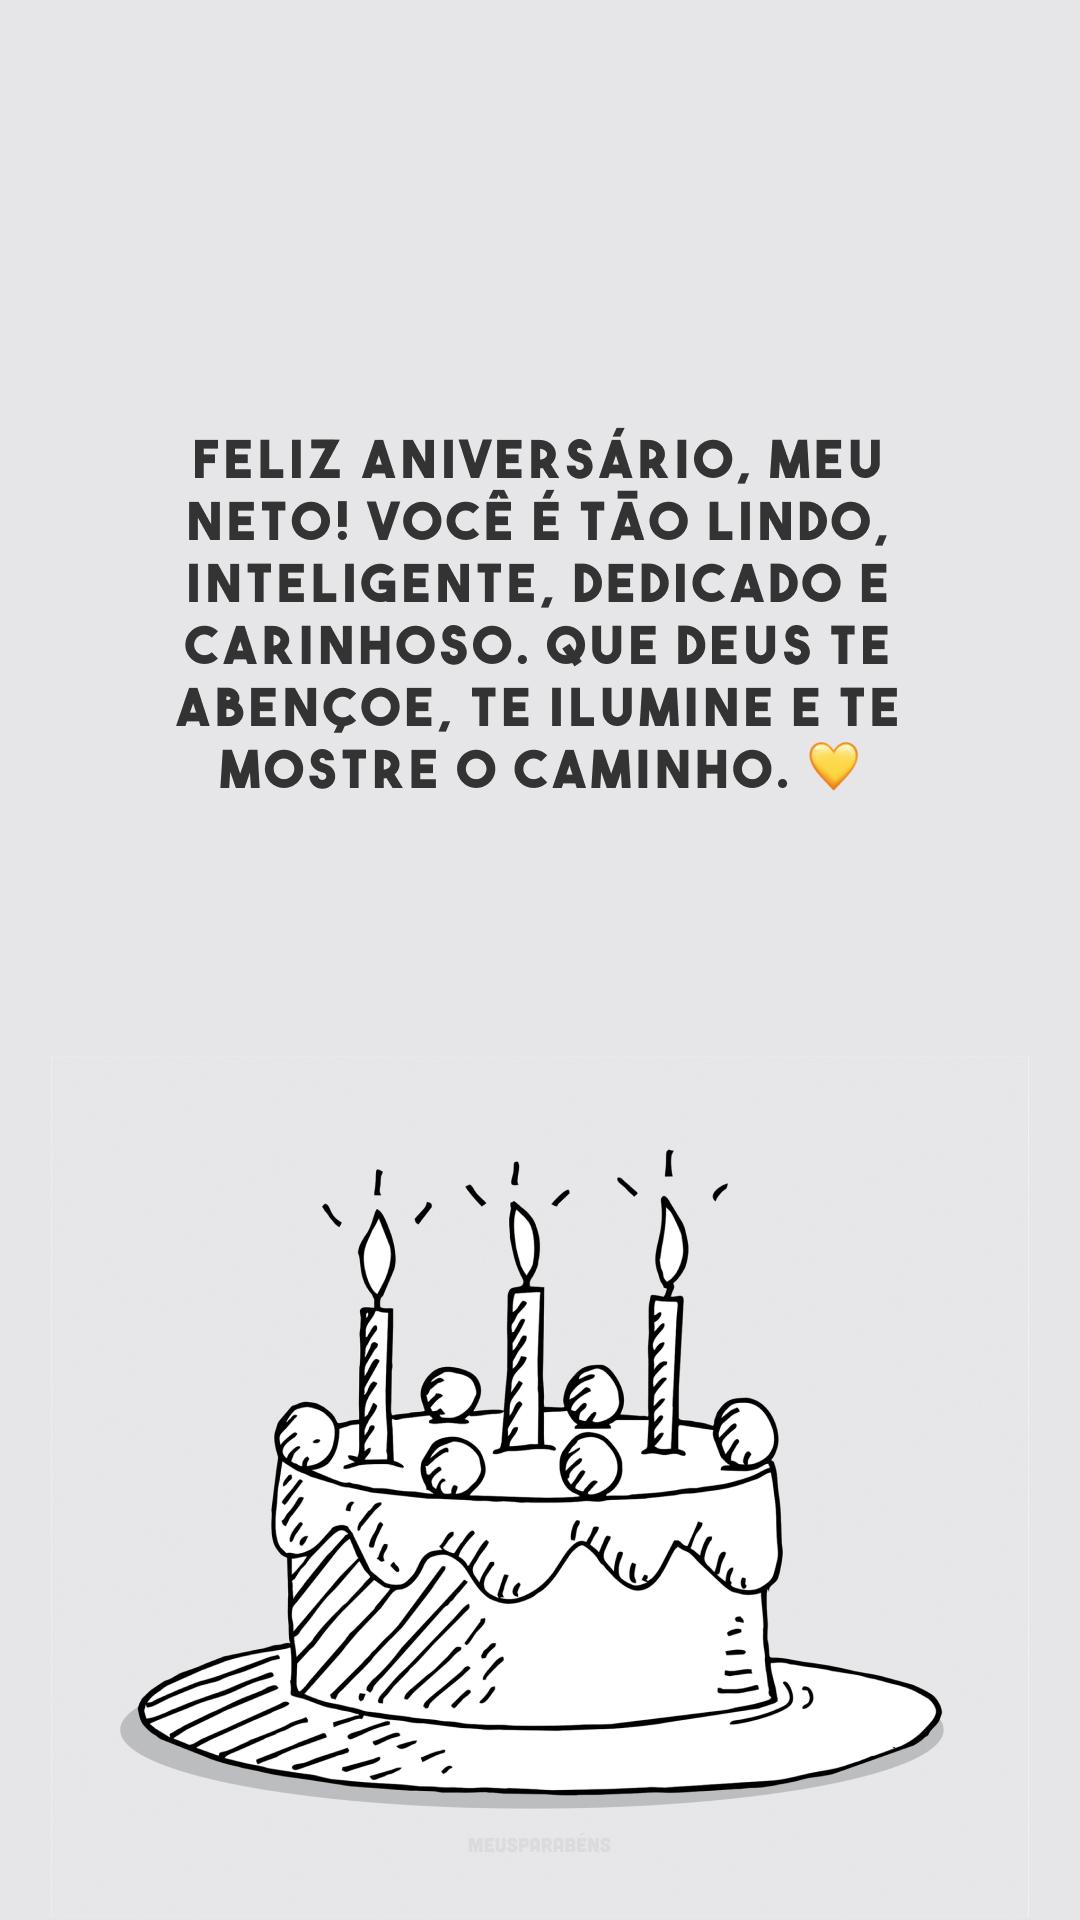 Feliz aniversário, meu neto! Você é tão lindo, inteligente, dedicado e carinhoso. Que Deus te abençoe, te ilumine e te mostre o caminho. 💛